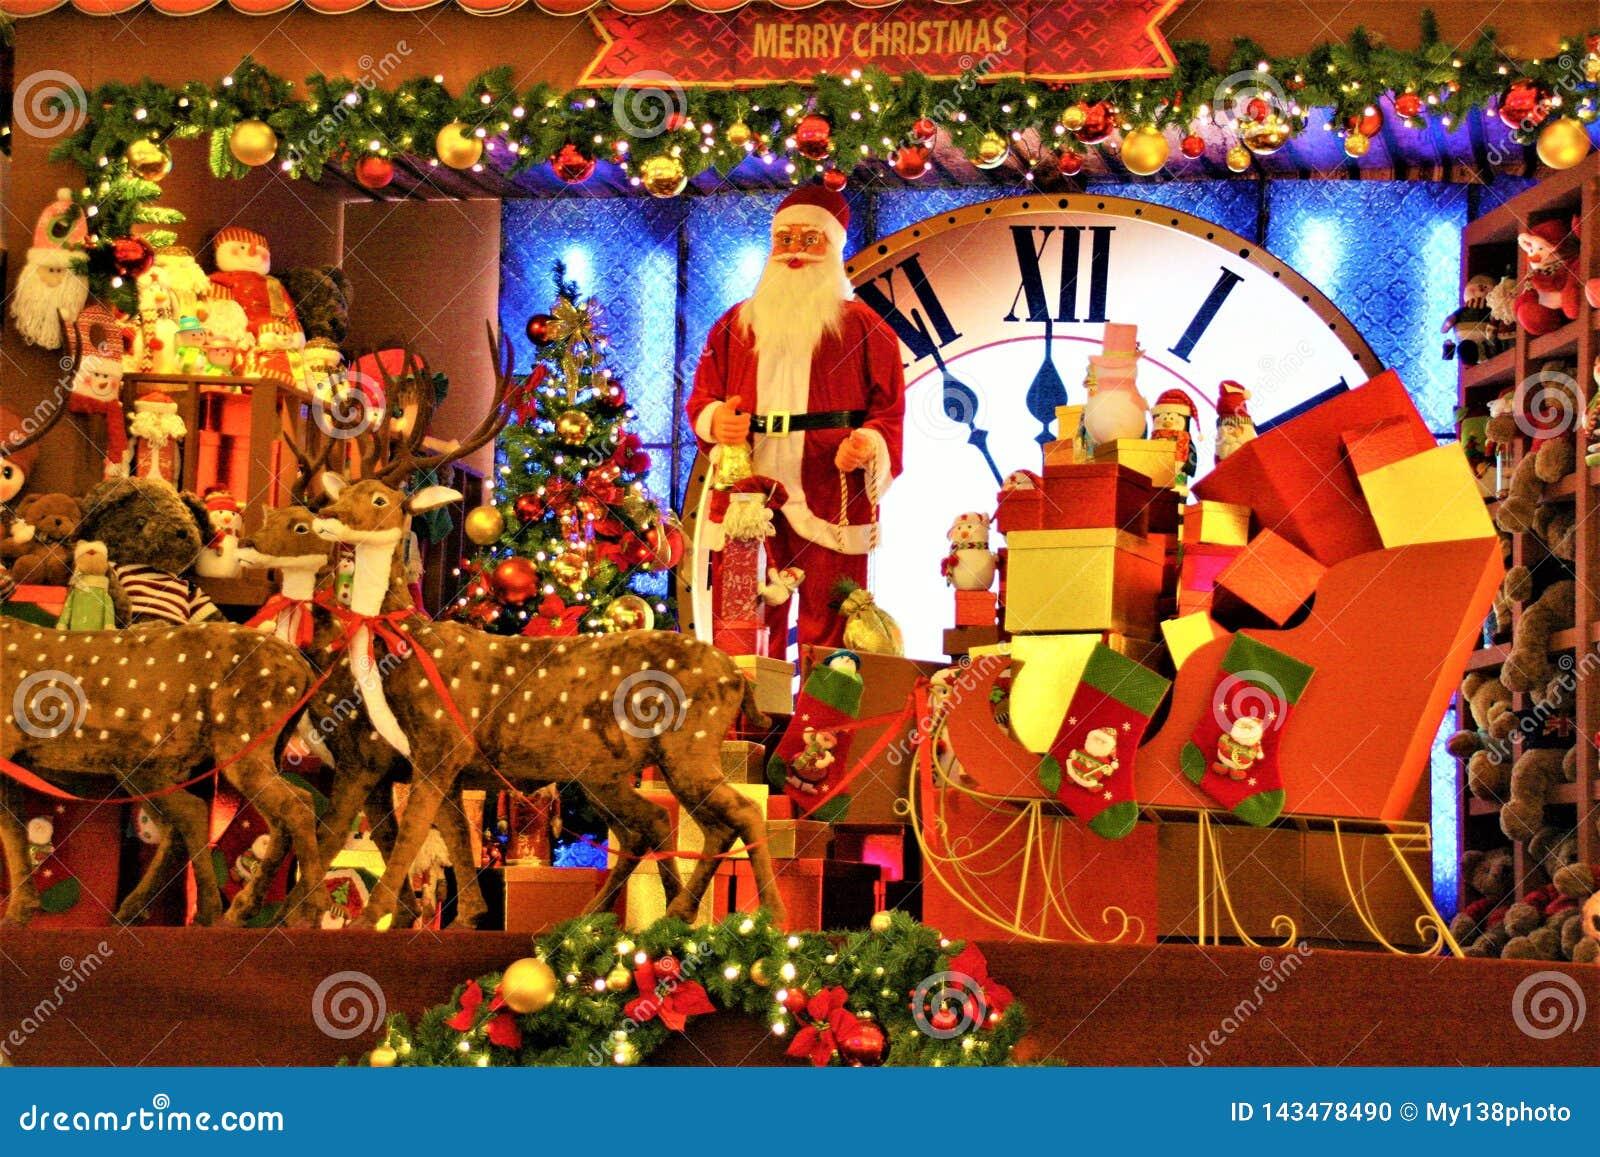 Decoración de la Navidad en el centro comercial Santa Claus y el reno